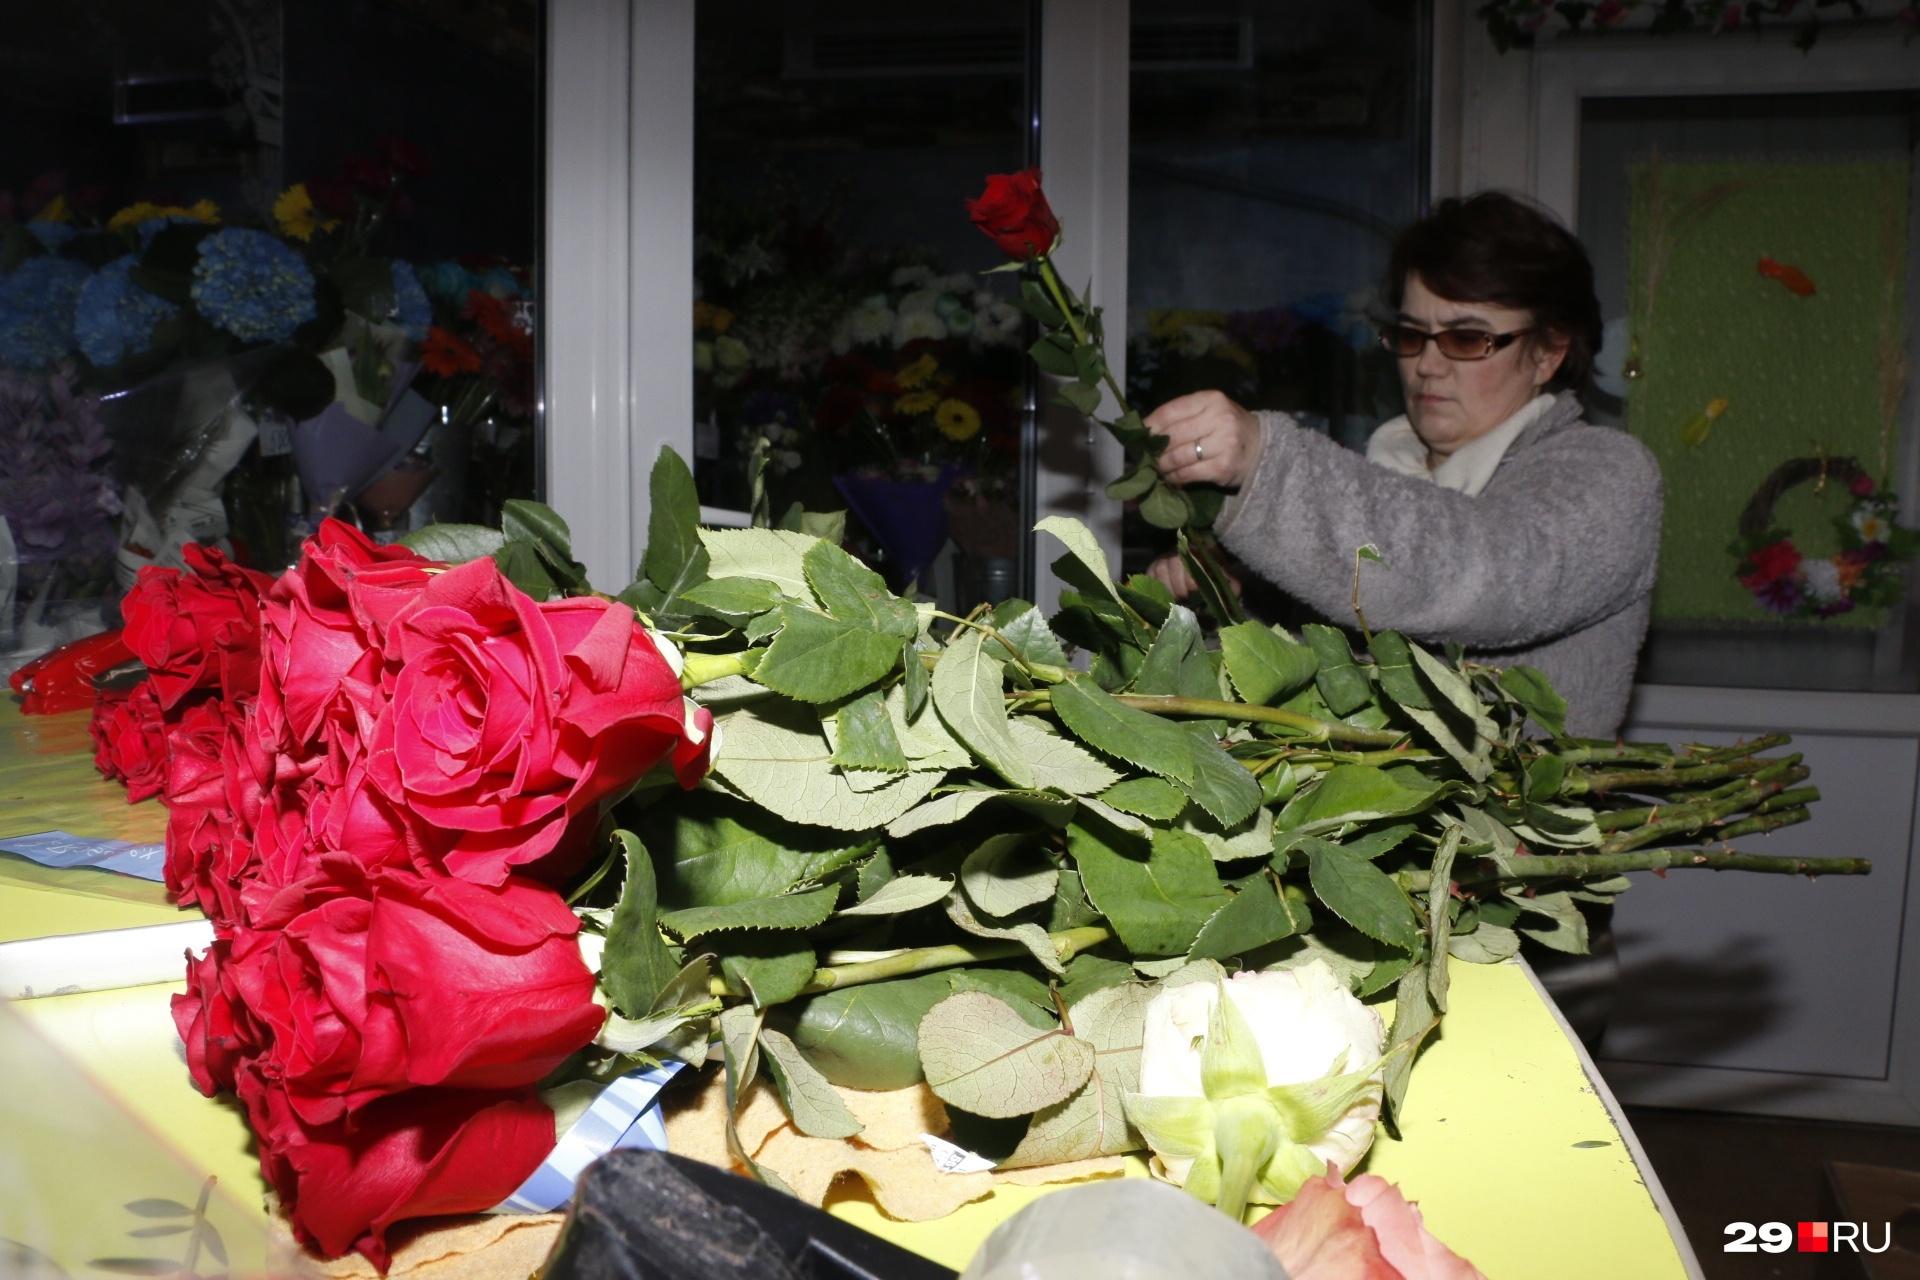 Обязательно попросите продавца упаковать цветы в бумагу